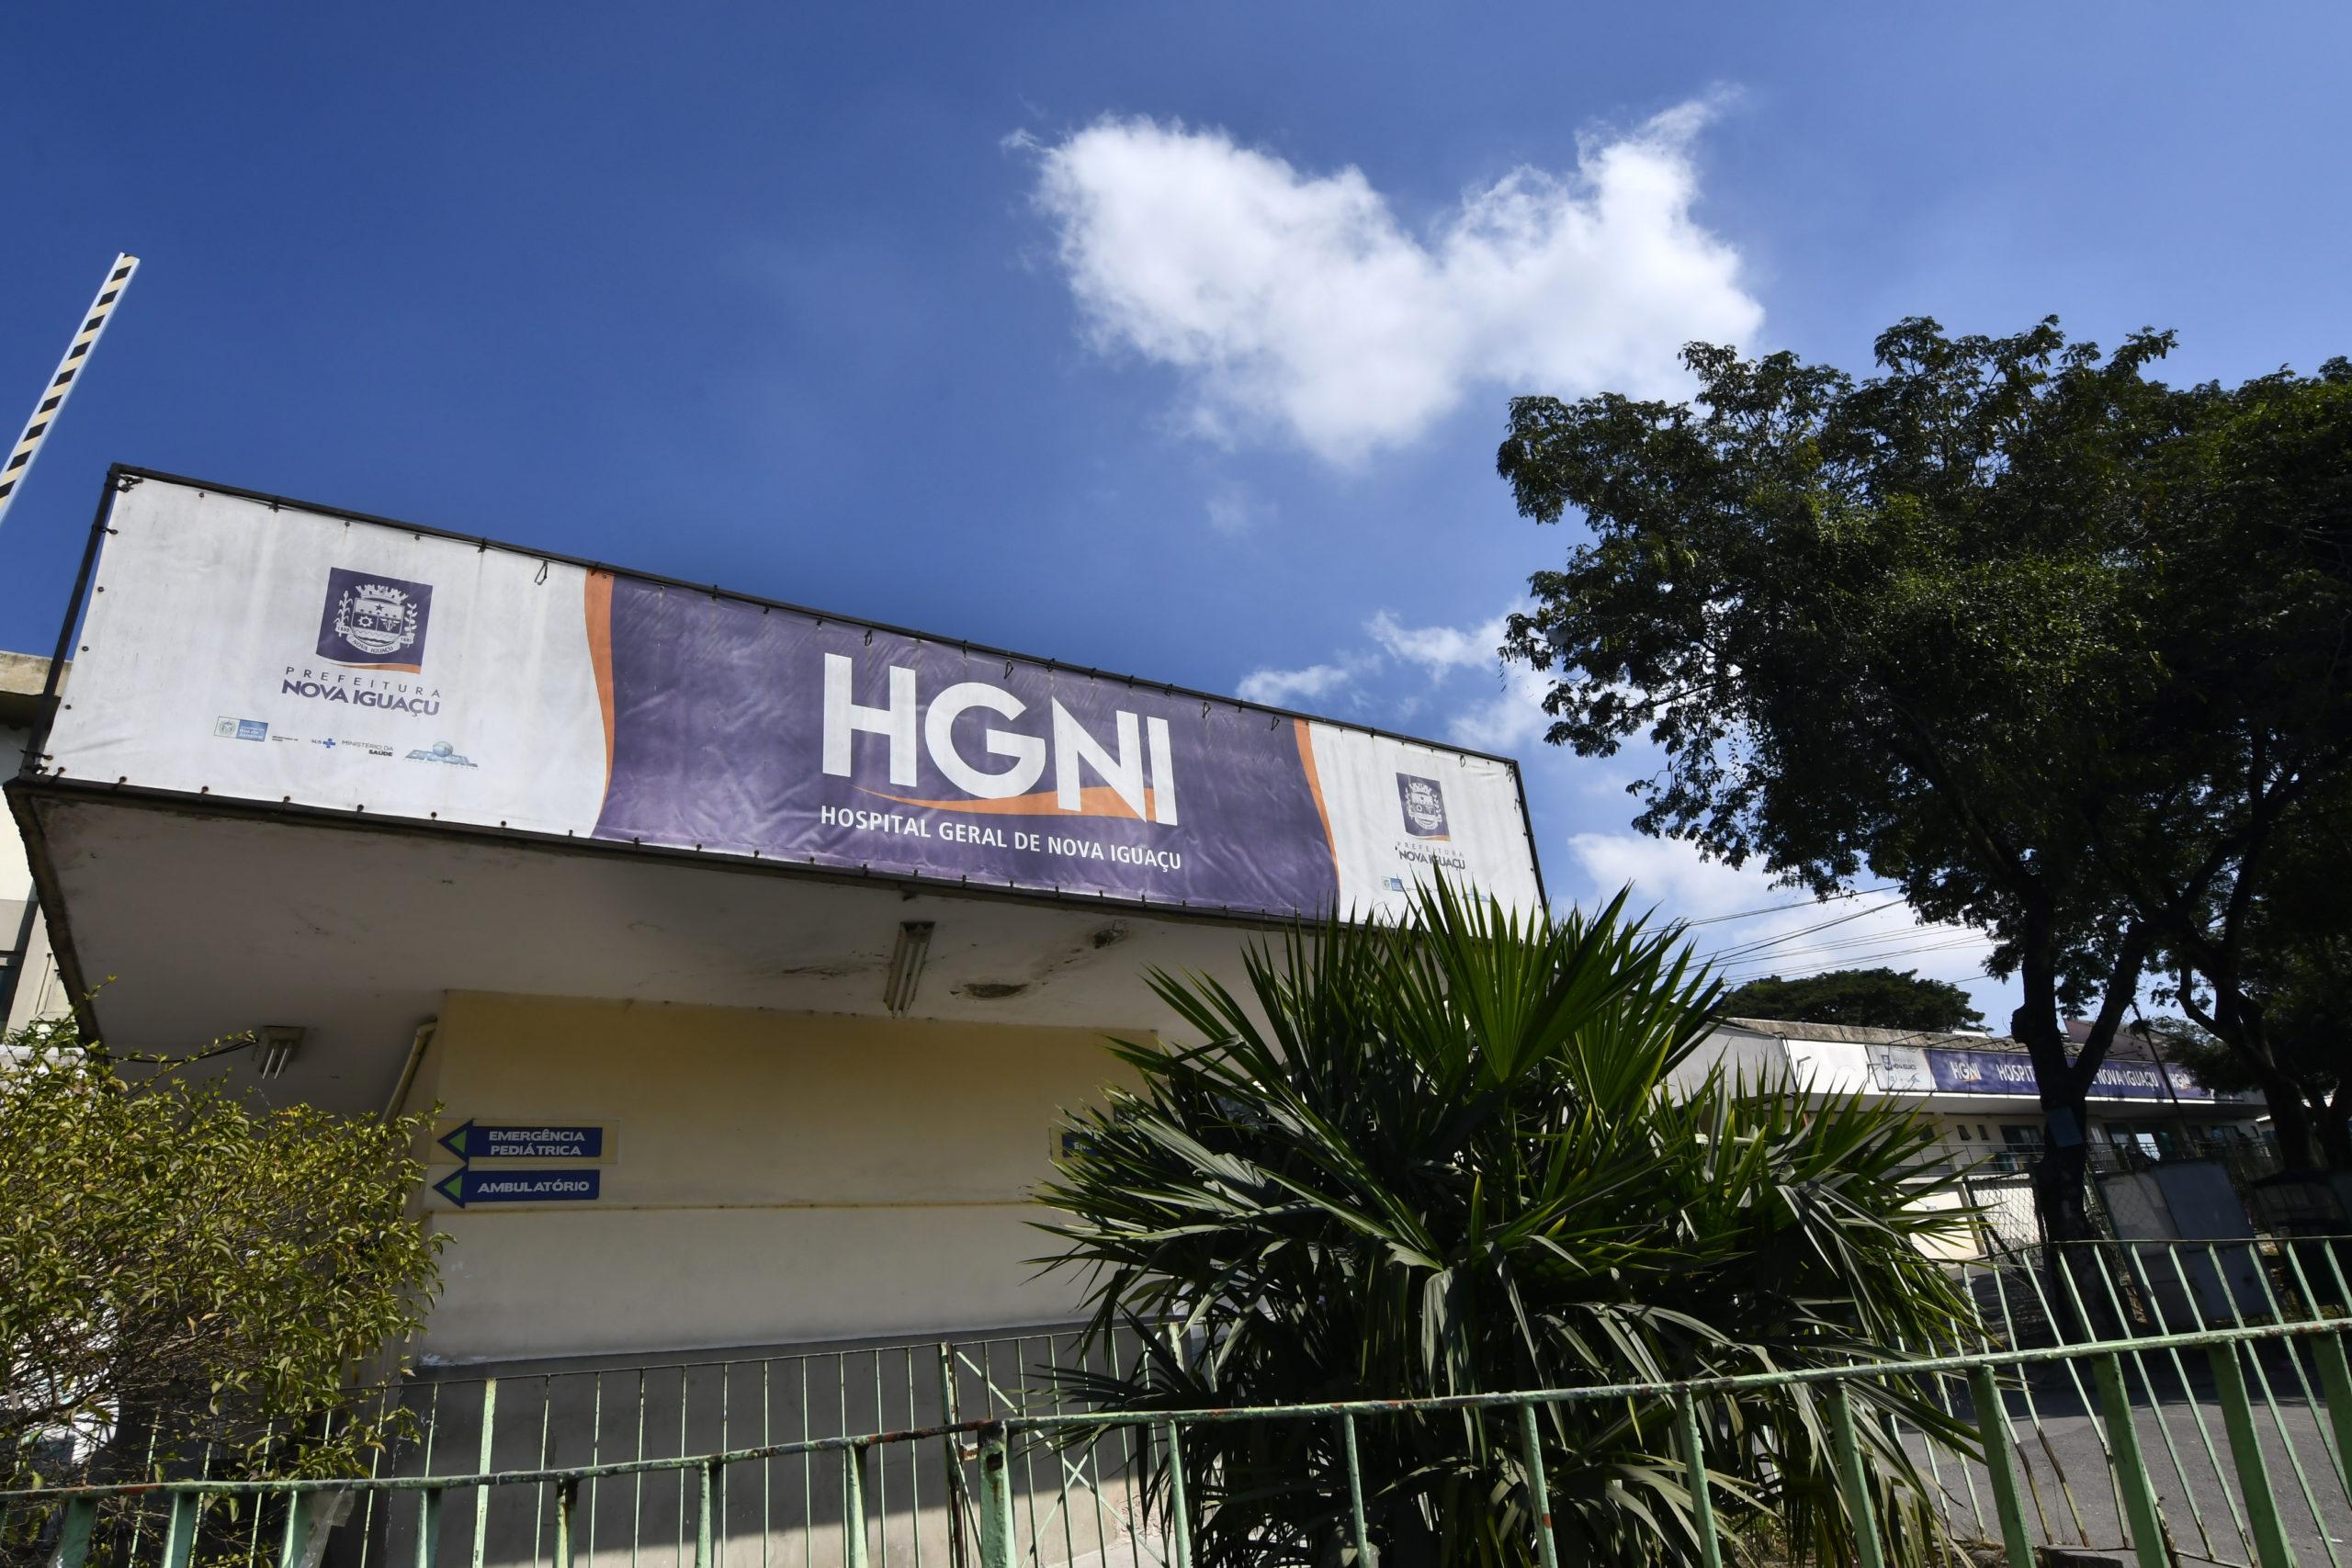 Imagem da fachada do Hospital Geral de Nova Iguaçu